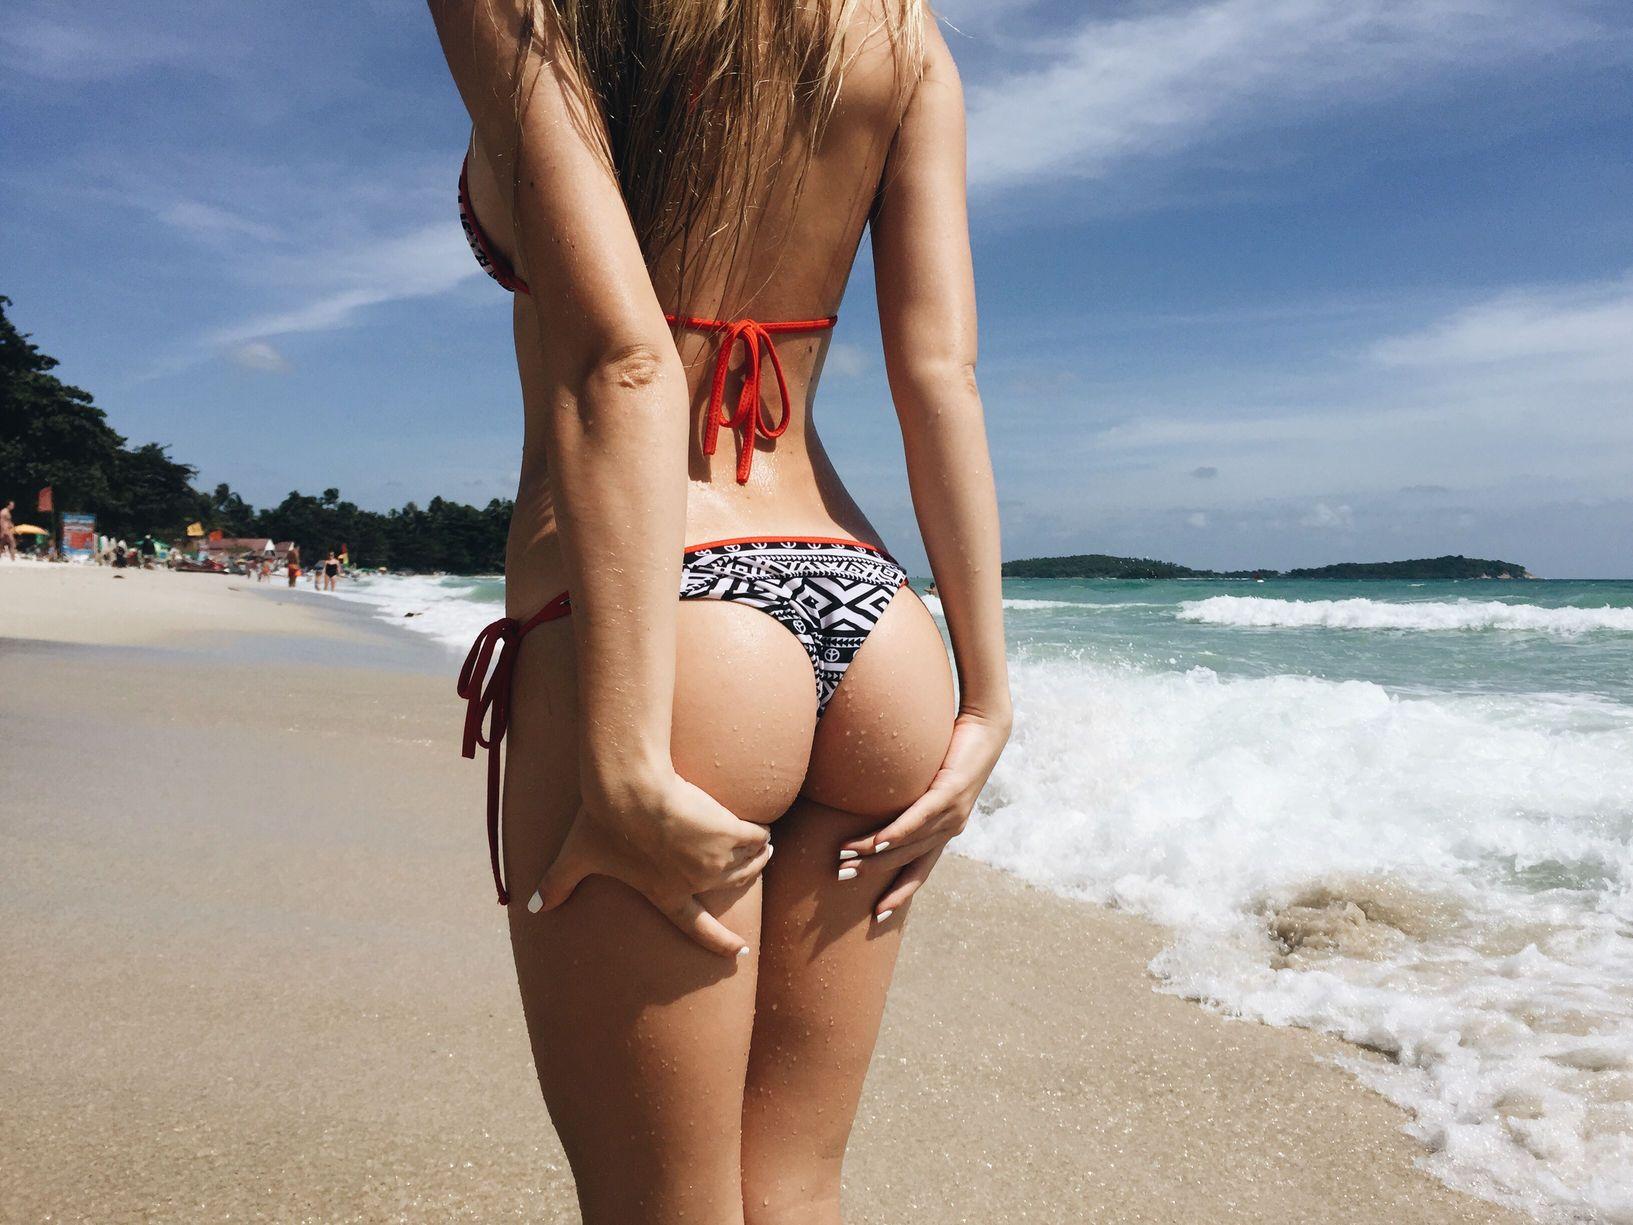 Candice michelle nude body